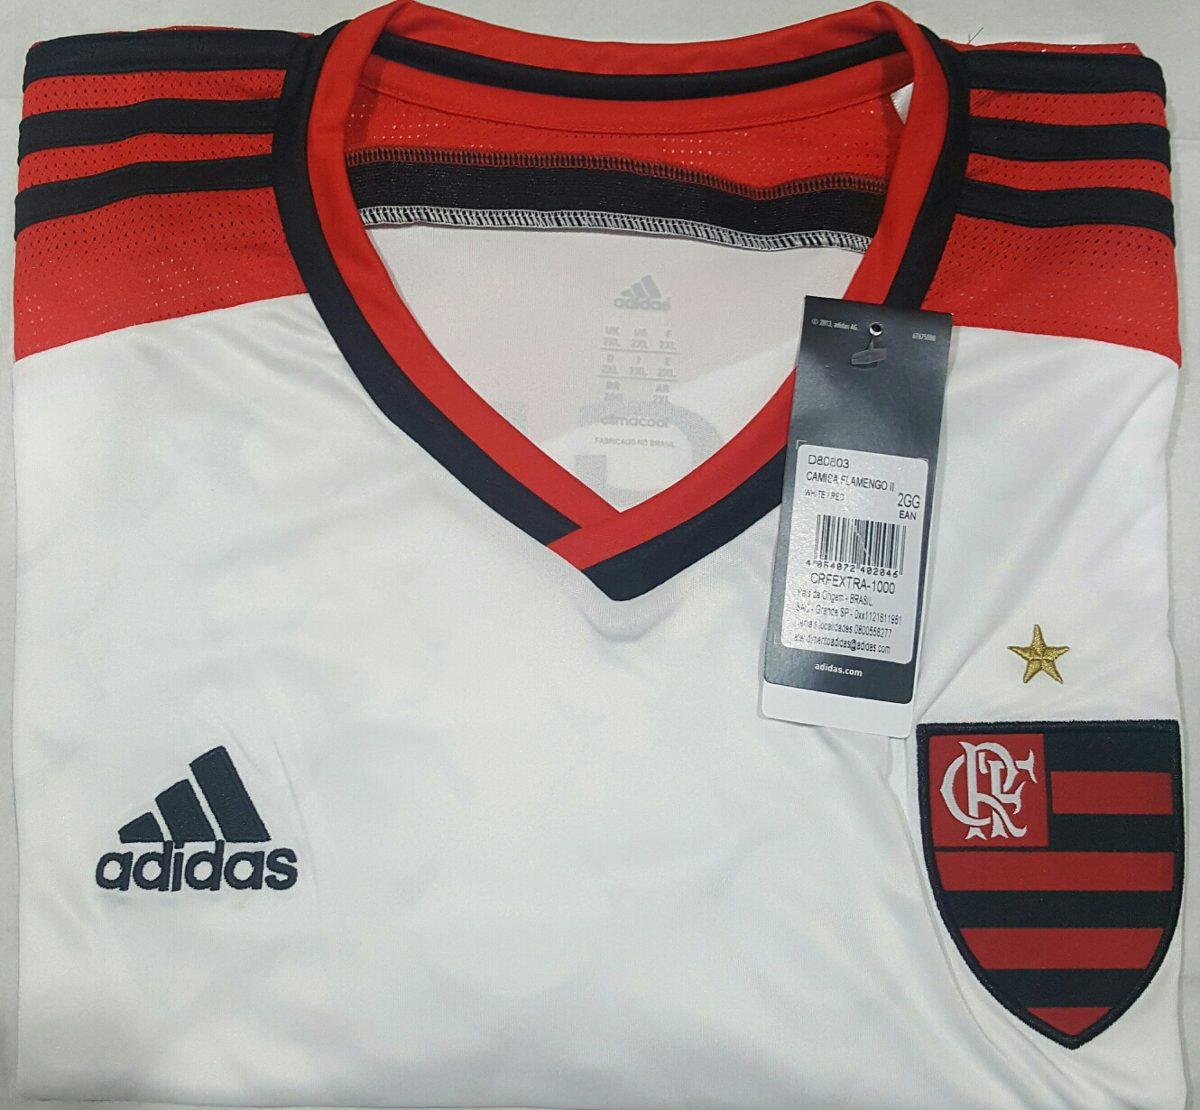 c59f848569 Camisa Flamengo adidas Gg   2gg Parcela S juros - R  160